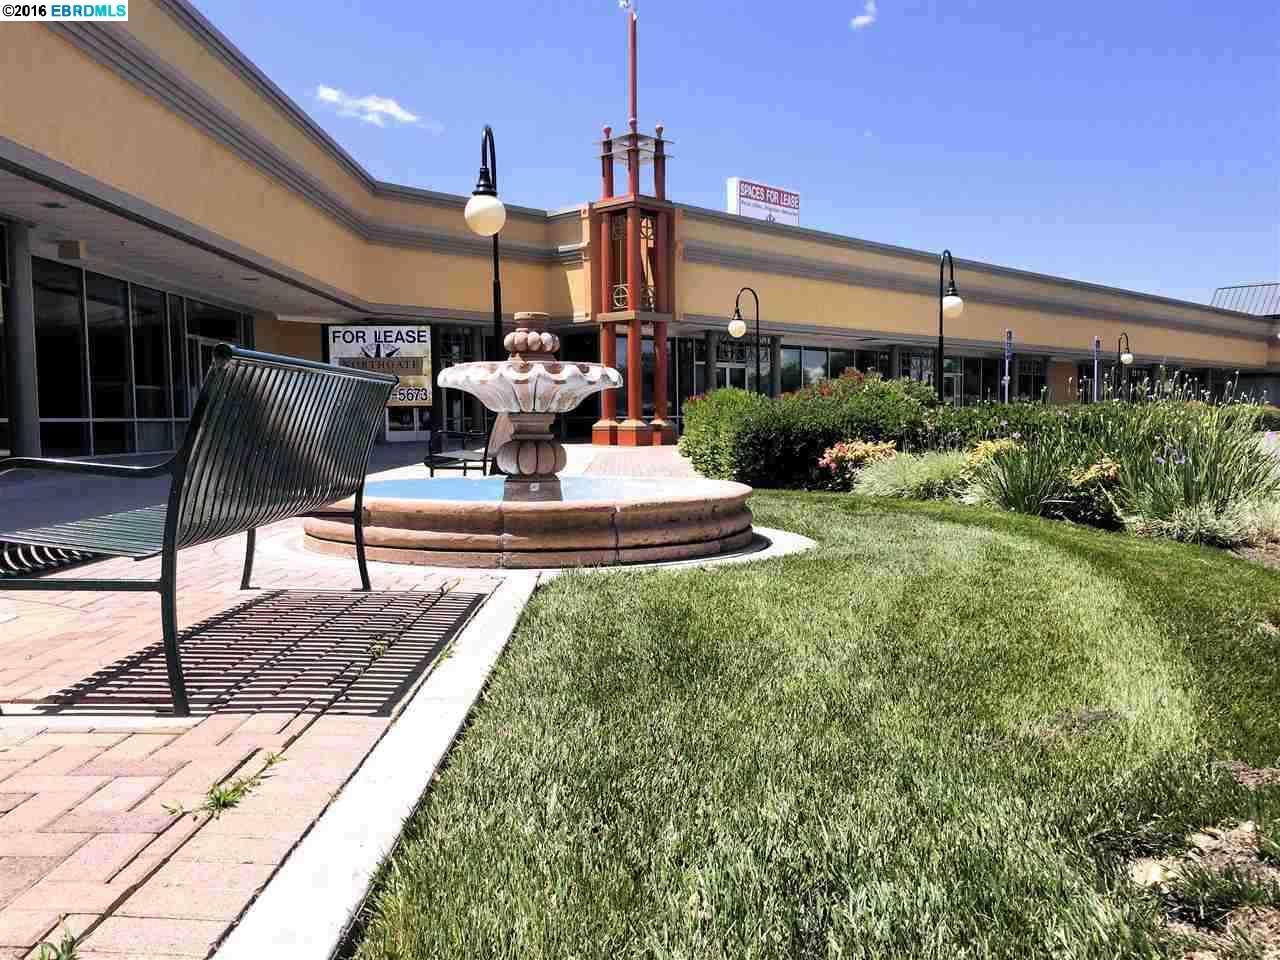 Casa Unifamiliar por un Alquiler en 1005 E Pescadero suite 197 Tracy, California 95304 Estados Unidos